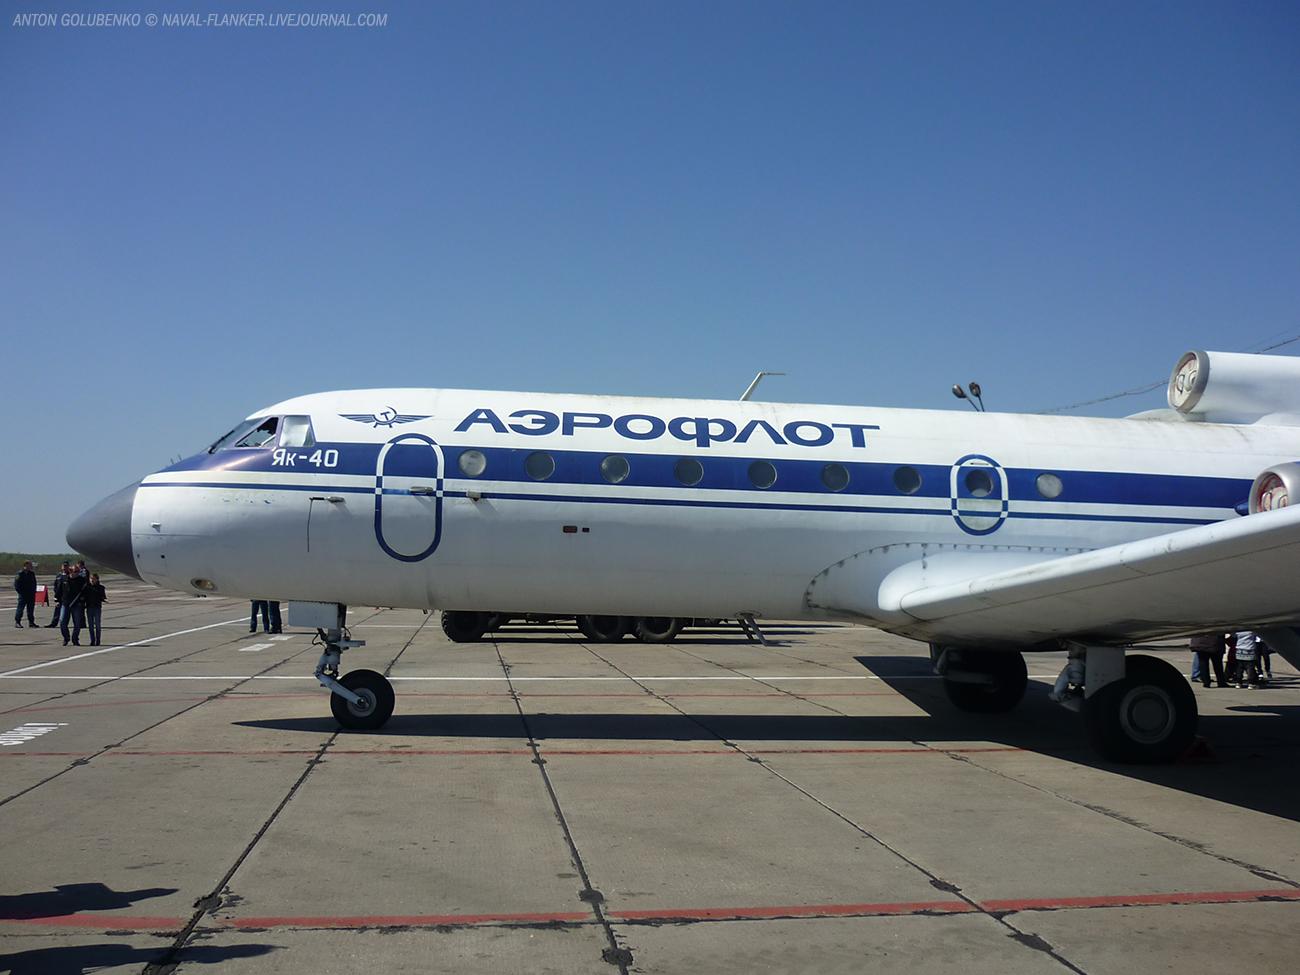 Стоимость билетов на самолет из домодедово рг 127 билеты на самолет санкт-петербург - осло